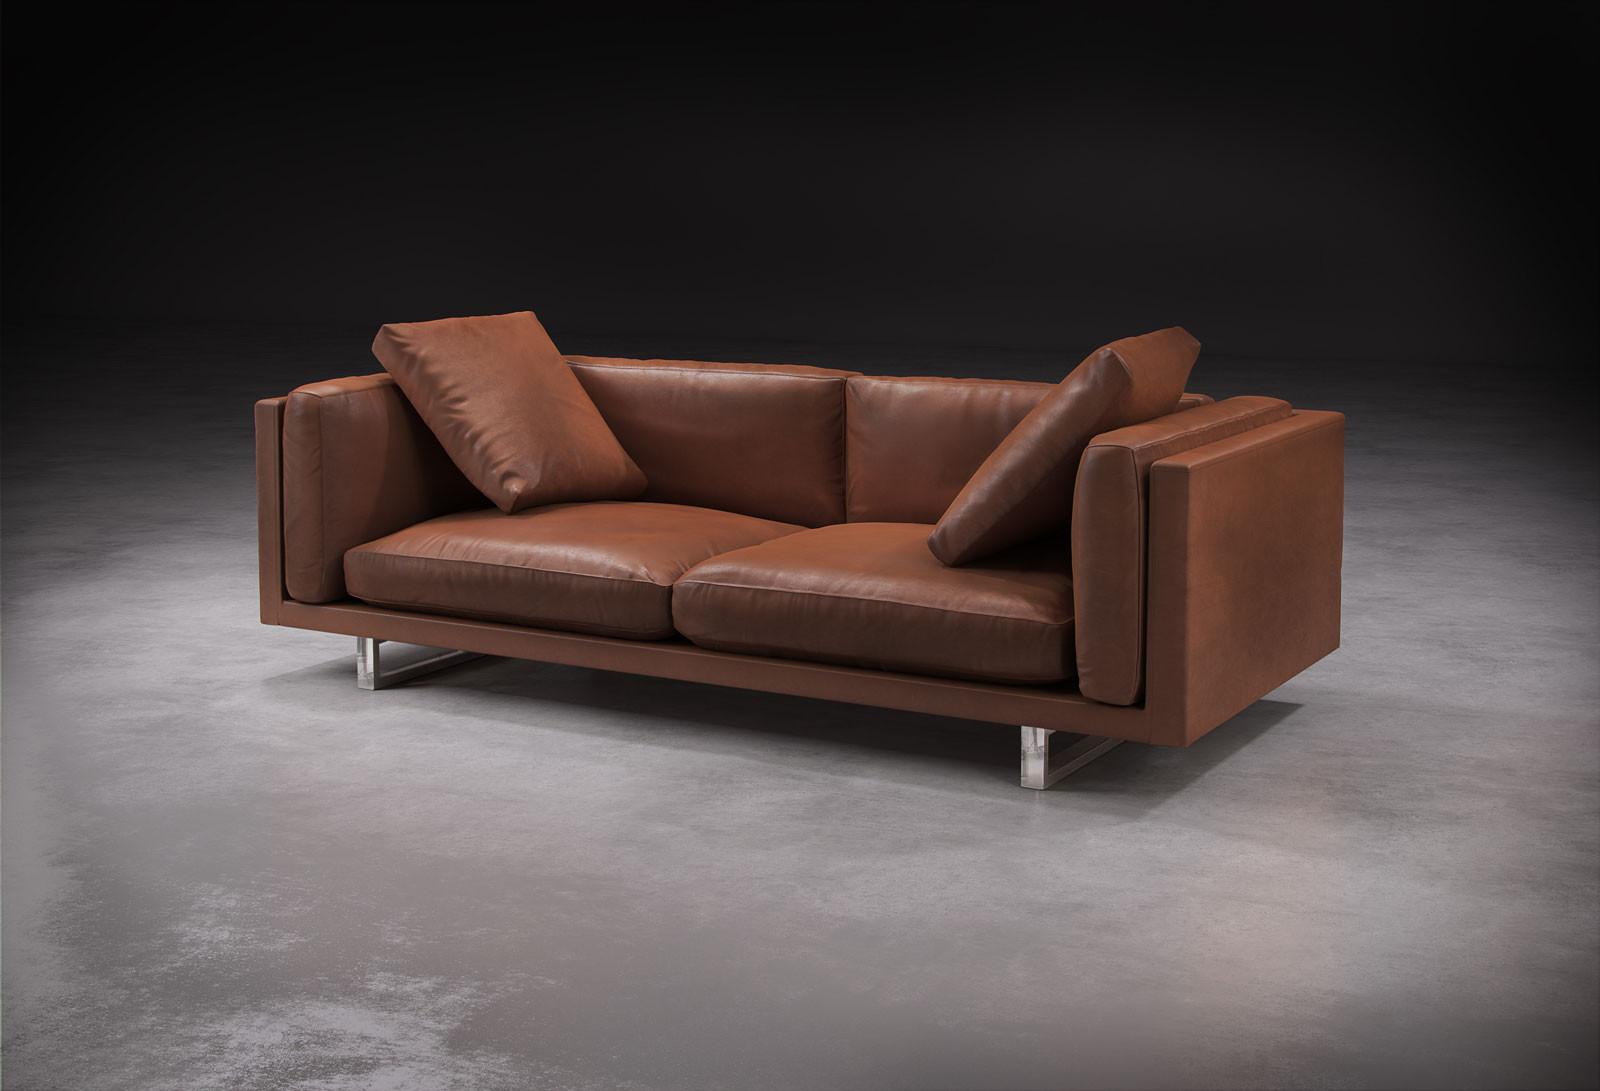 Industrial furniture sofa - Fulcrum Leather Sofa